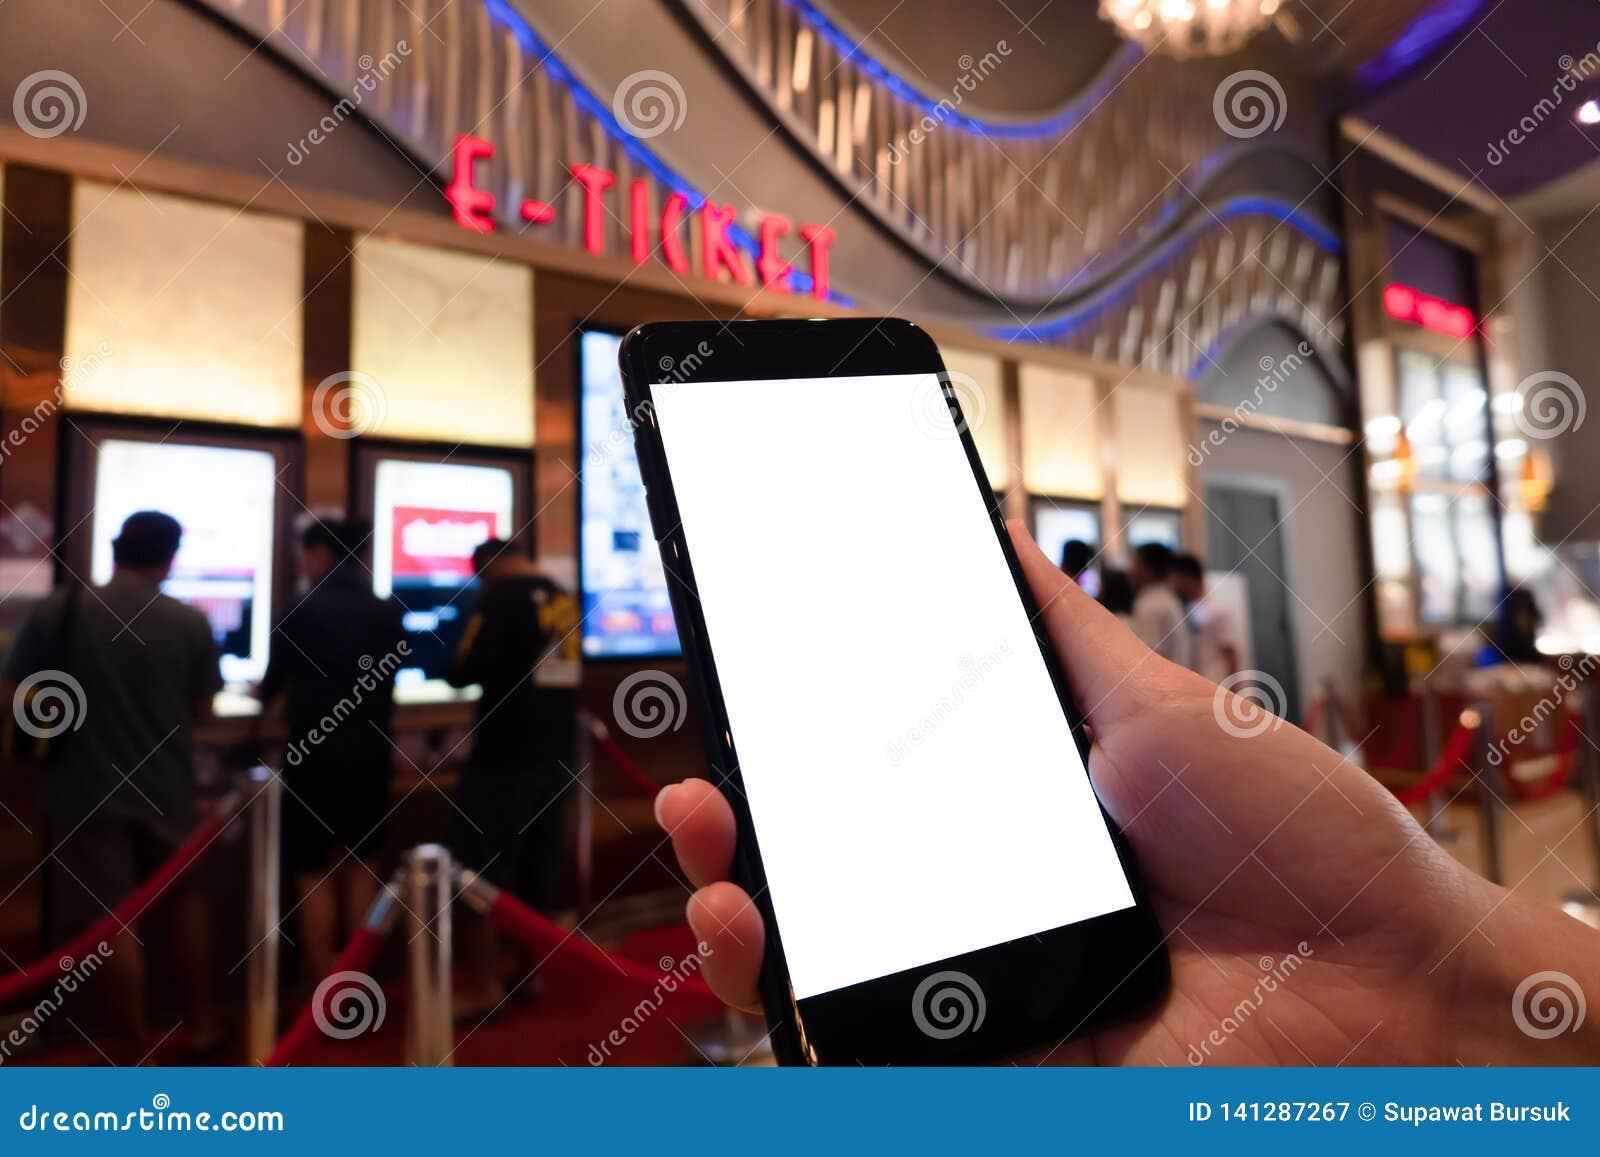 Imagen de la maqueta de la mano de la mujer que sostiene la pantalla blanca de los smartphones móviles para el diseño y otros de